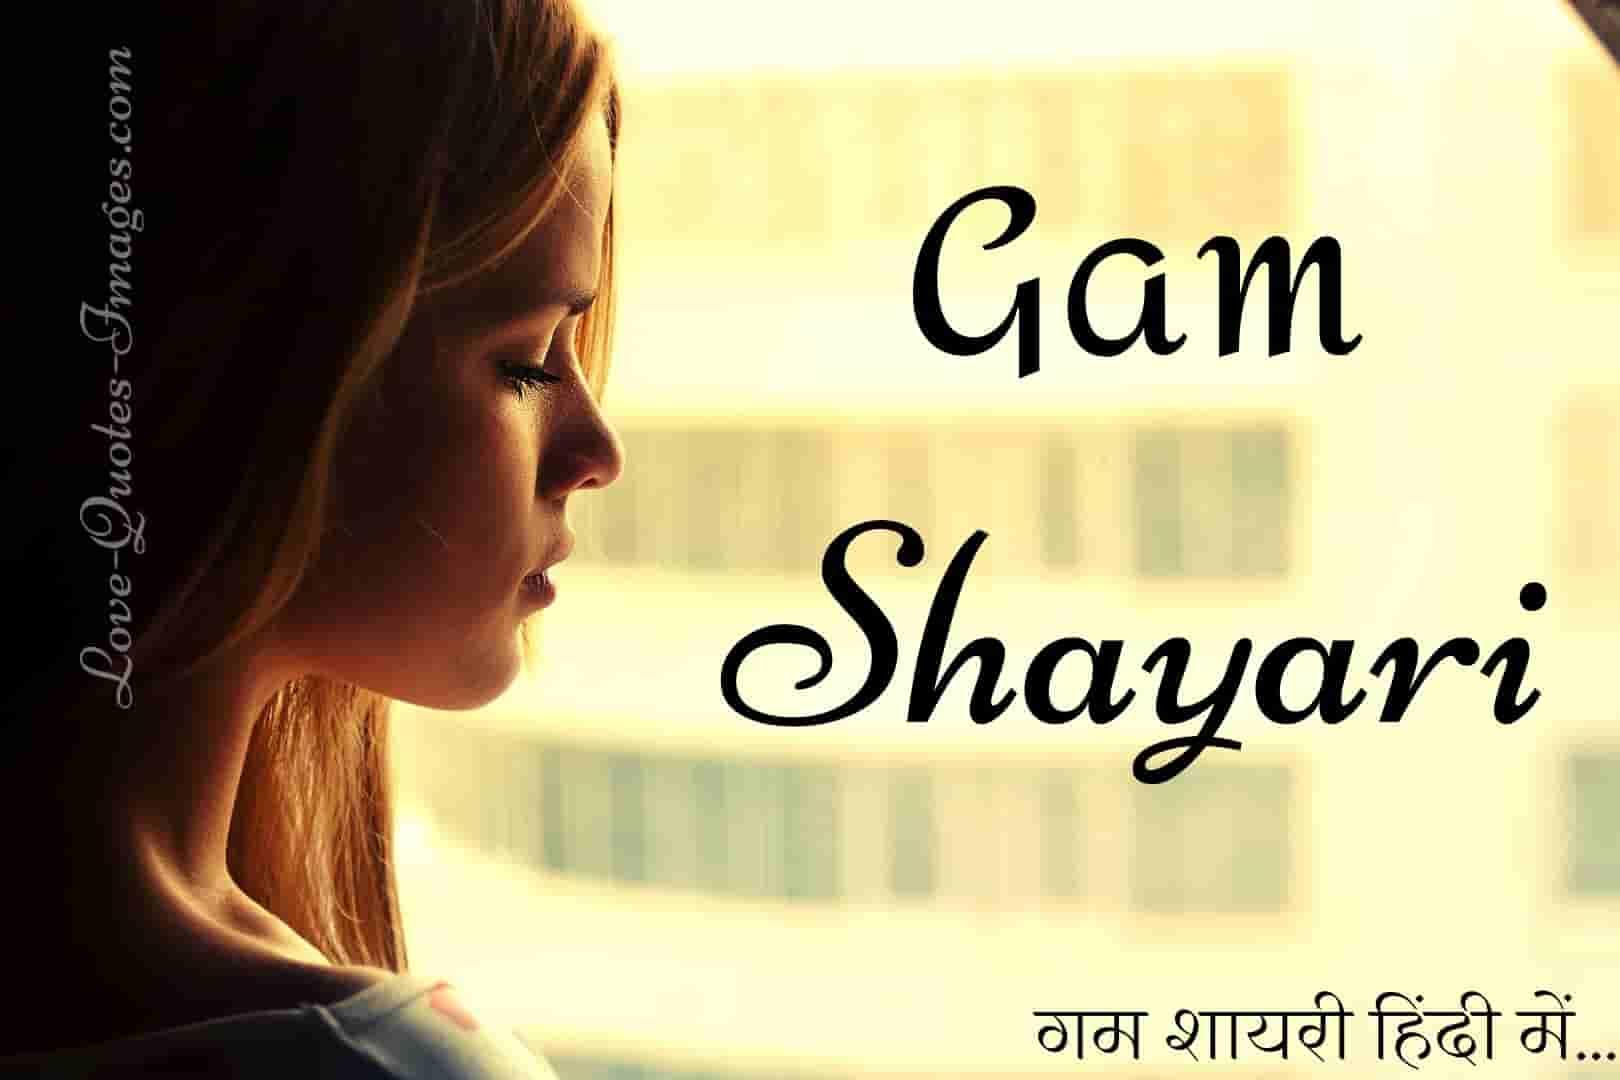 gam bhari shayari photos